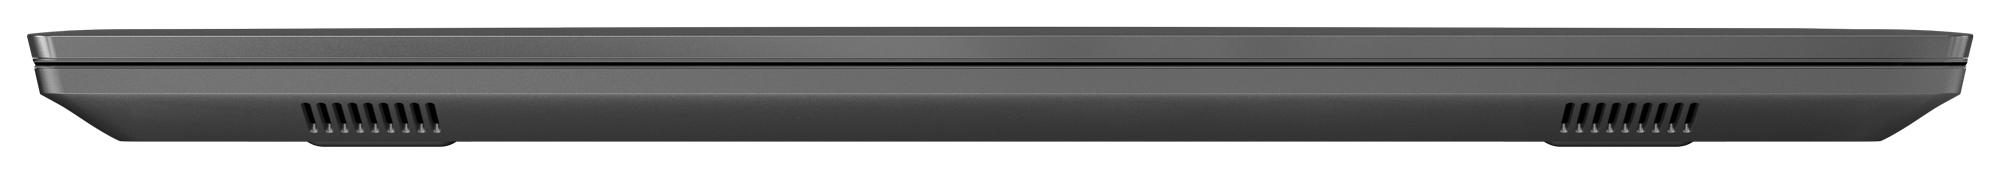 Фото  Ноутбук Lenovo V330-15 Grey (81AX00JURA)